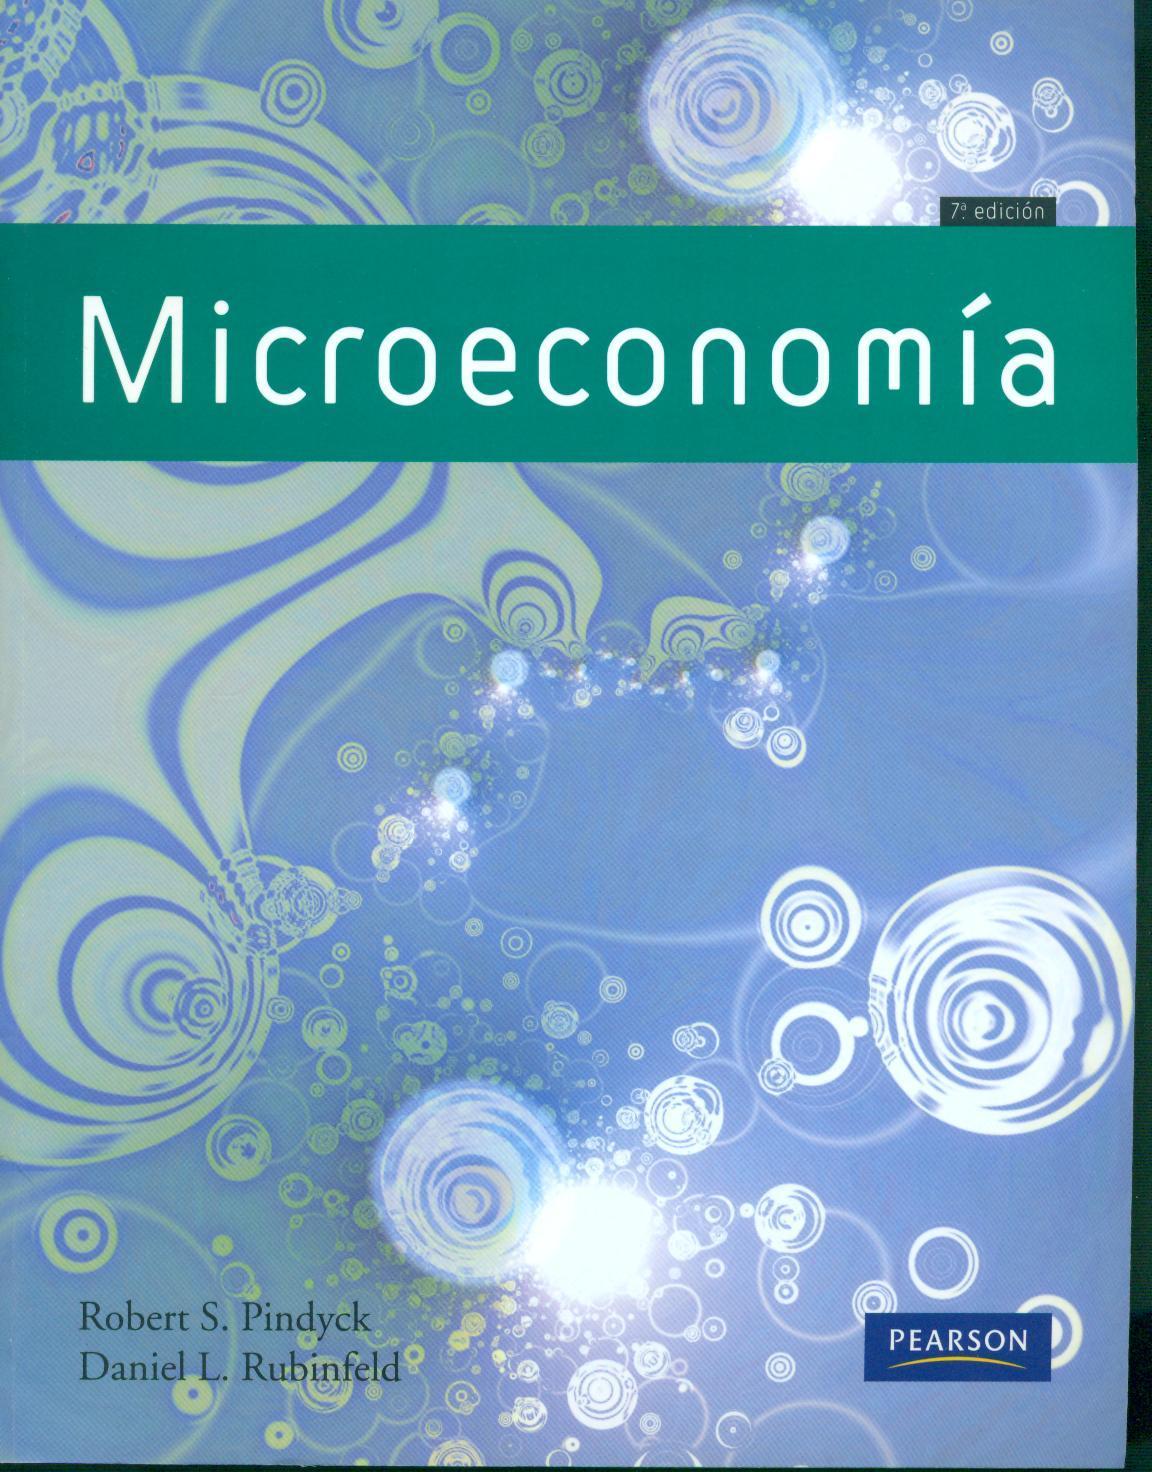 microeconomia pindyck 8 edicion pdf descargar gratis